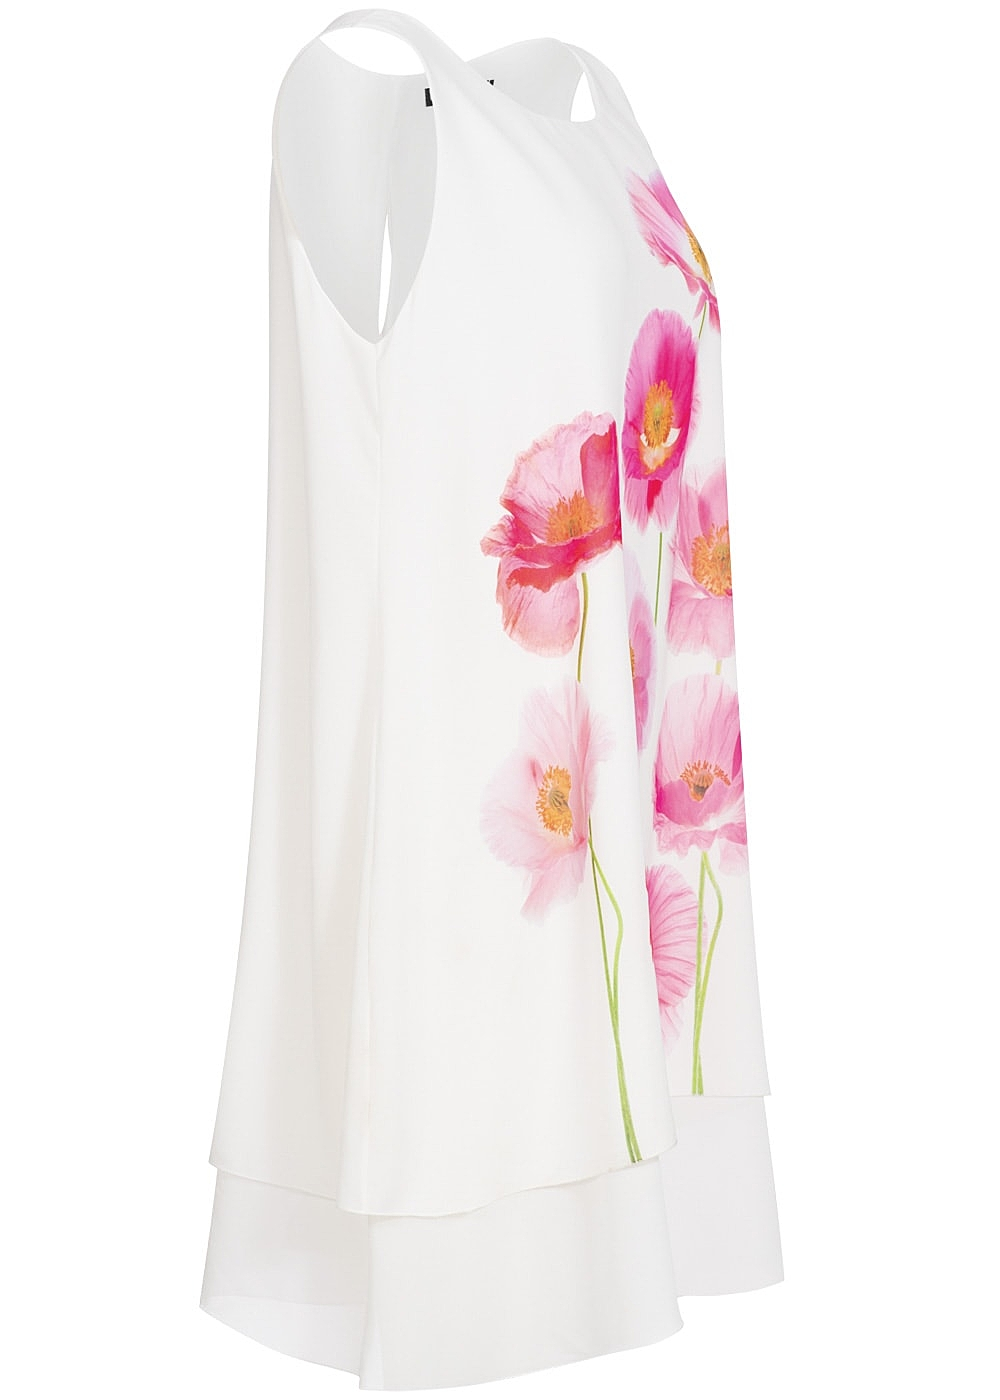 styleboom fashion damen kleid blumen print weiss rosa 77onlineshop. Black Bedroom Furniture Sets. Home Design Ideas